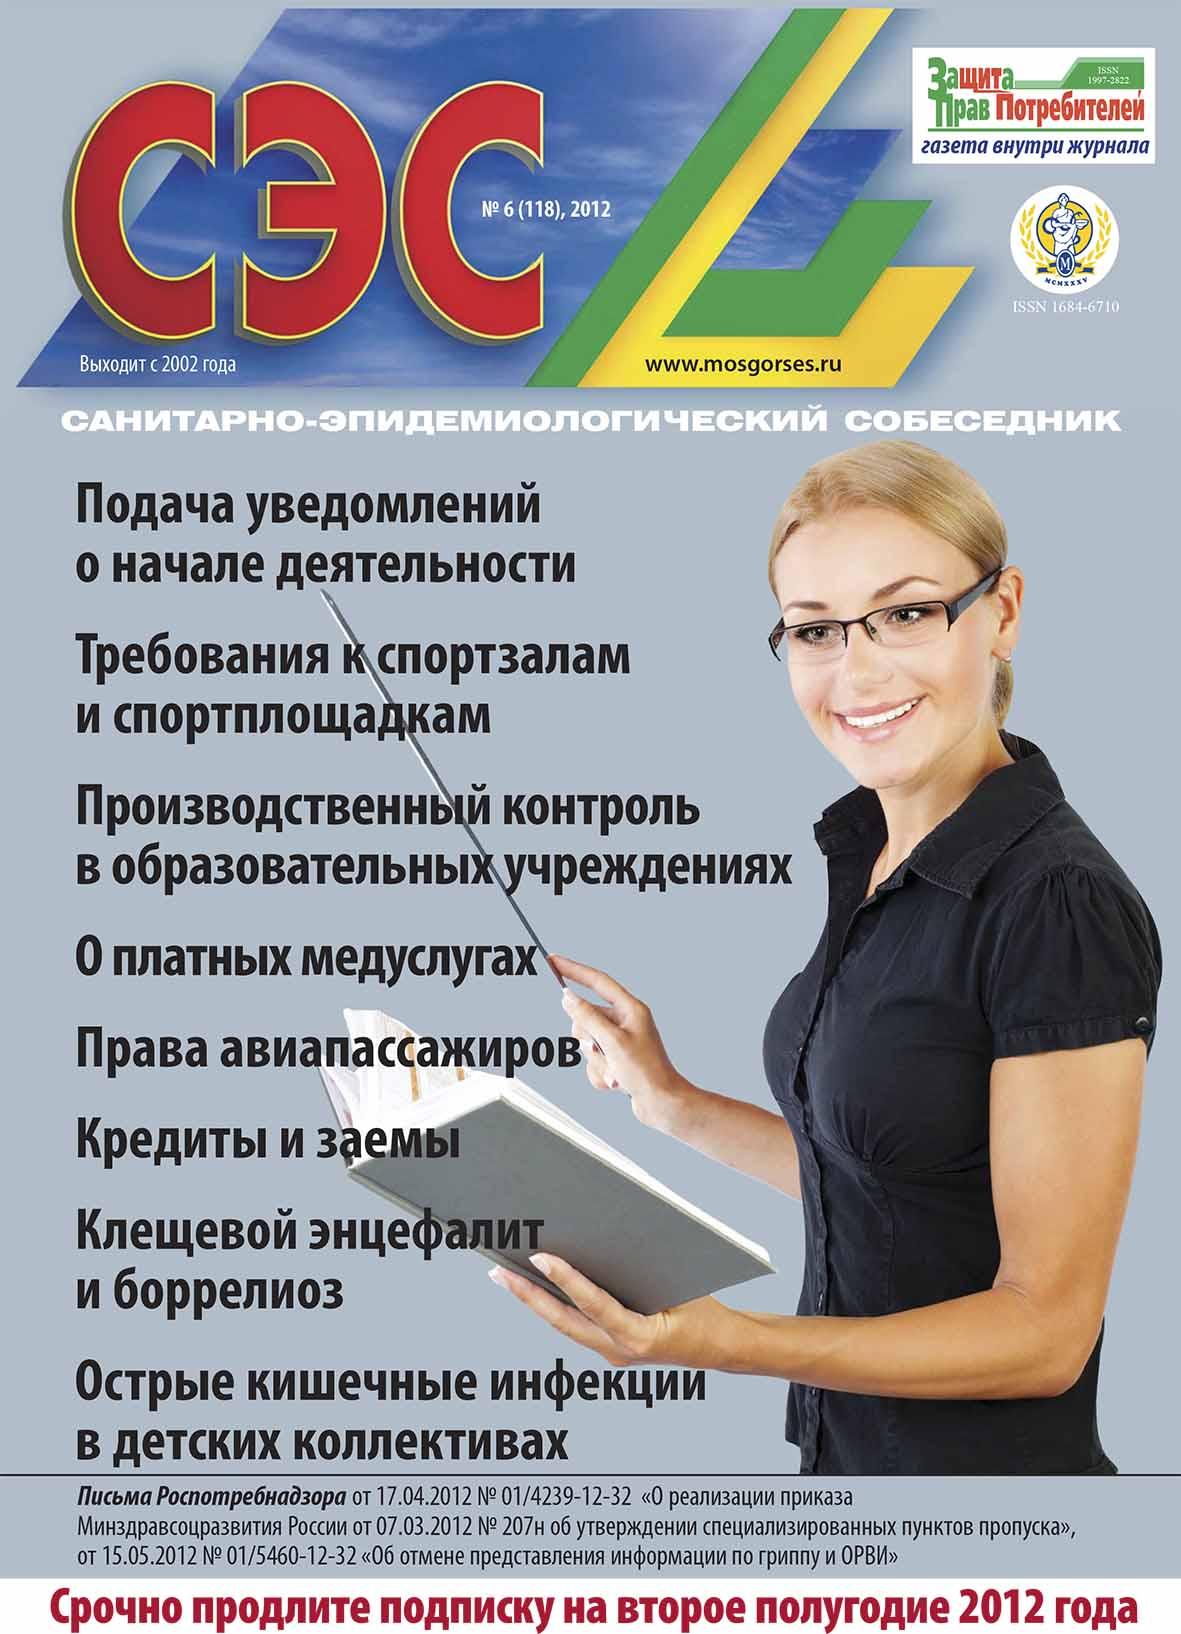 Журнал СЭС №6 2012 год